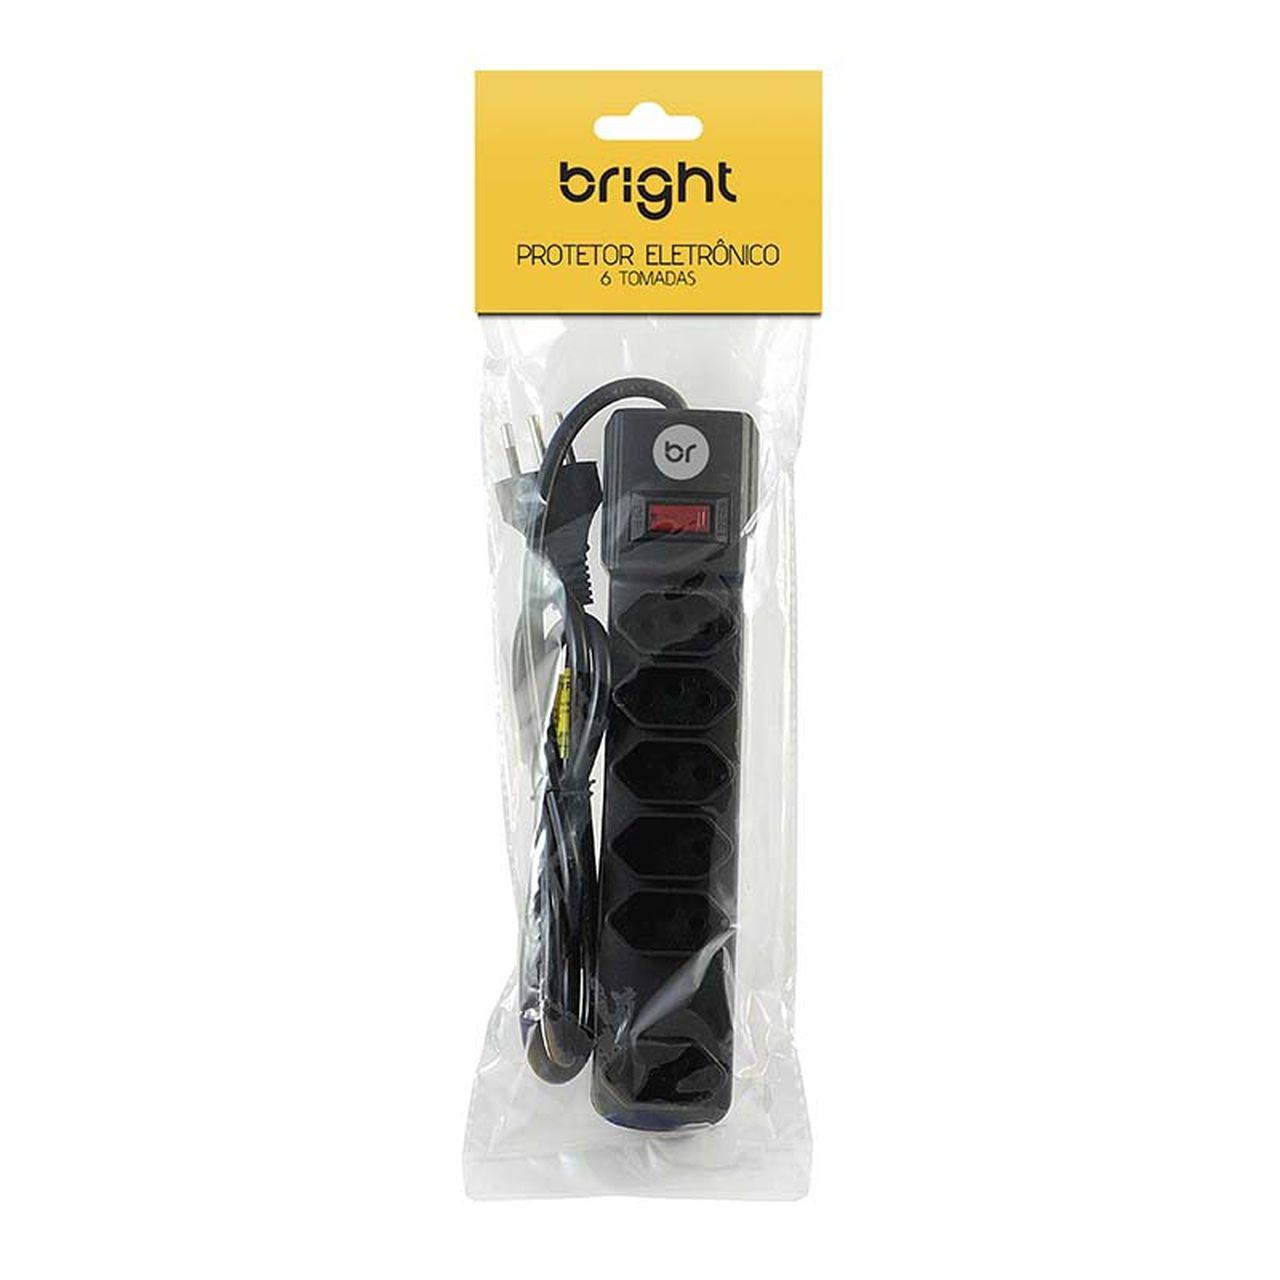 Filtro Dd Linha Régua com 6 Tomadas Protetor Eletrônico Bivolt 6722 Bright  - BRIGHT